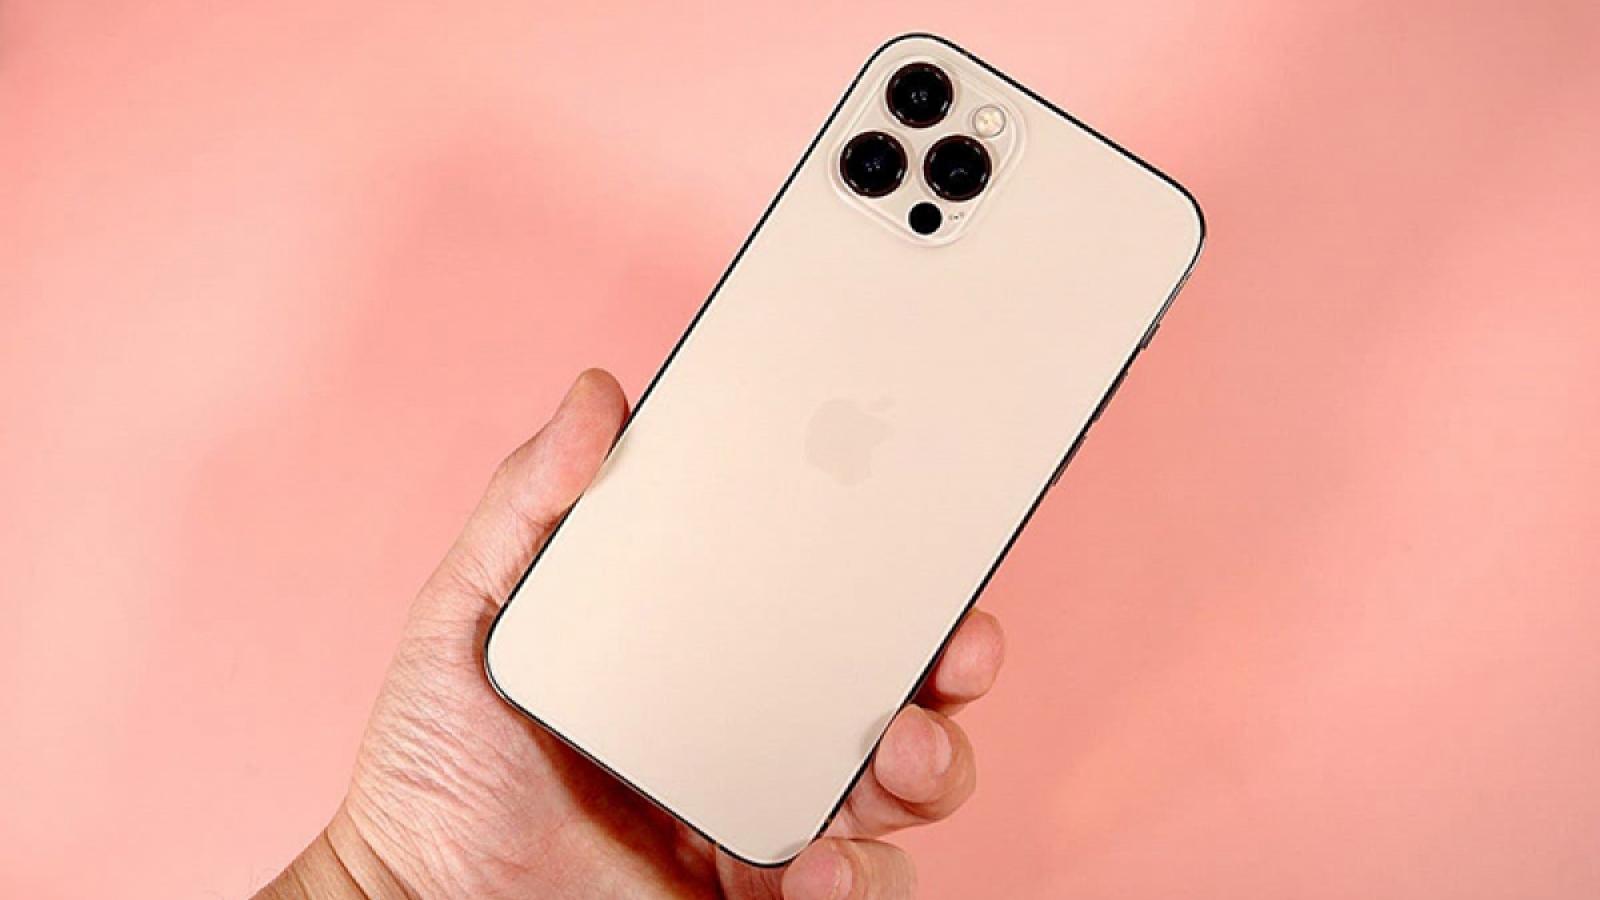 iPhone 12 chính thức về Việt Nam nhưng vẫn khan hàng chính hãng